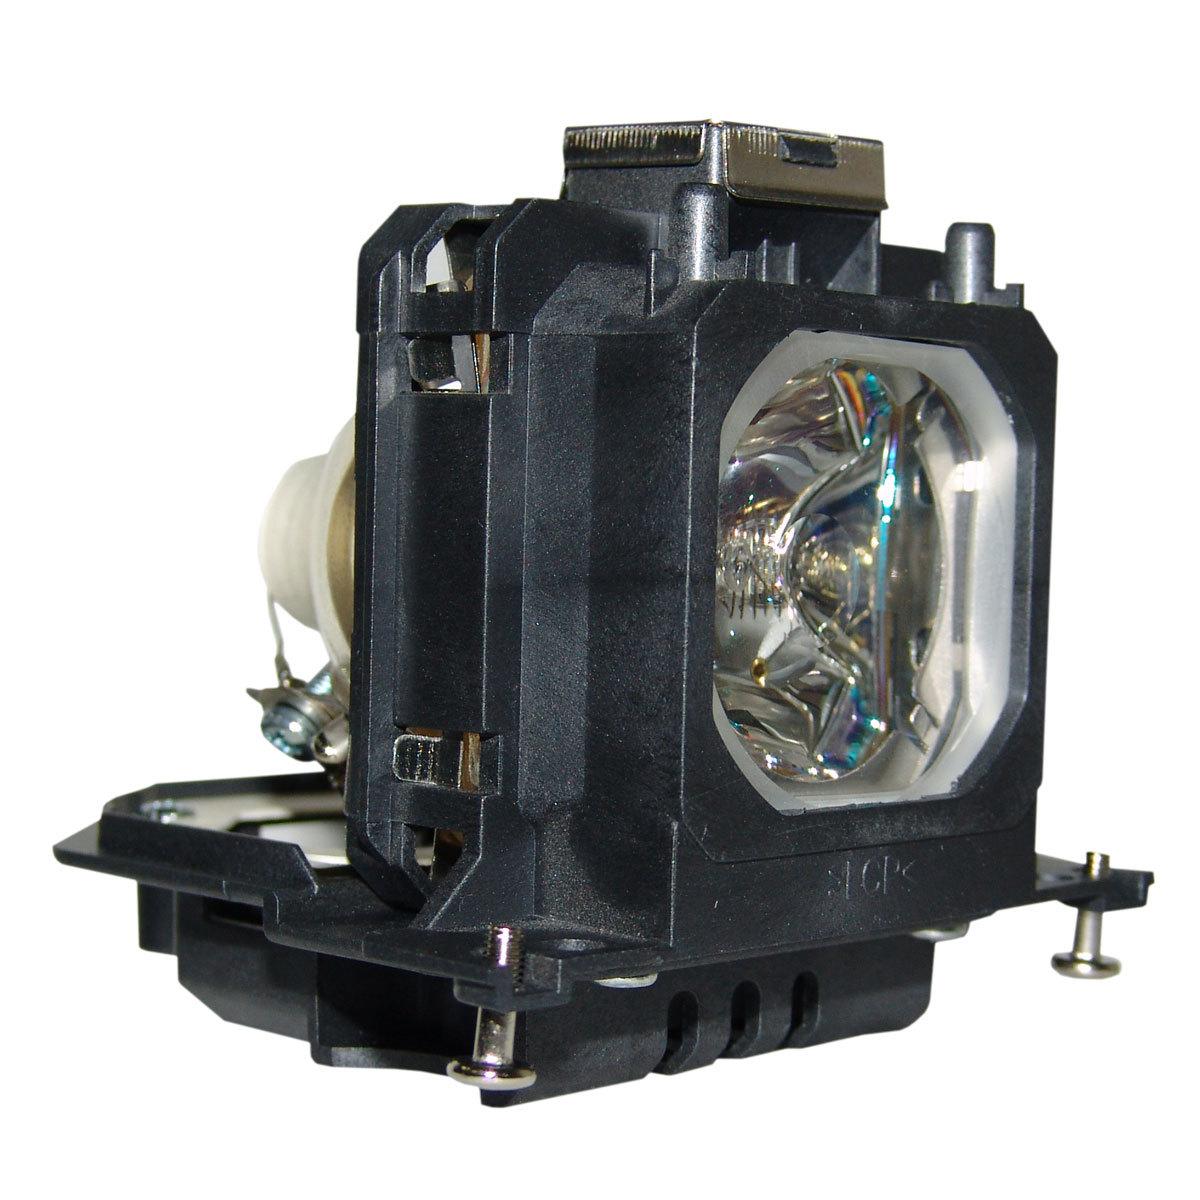 Panasonic ET-SLMP135 Philips Projector Lamp Module - $111.00